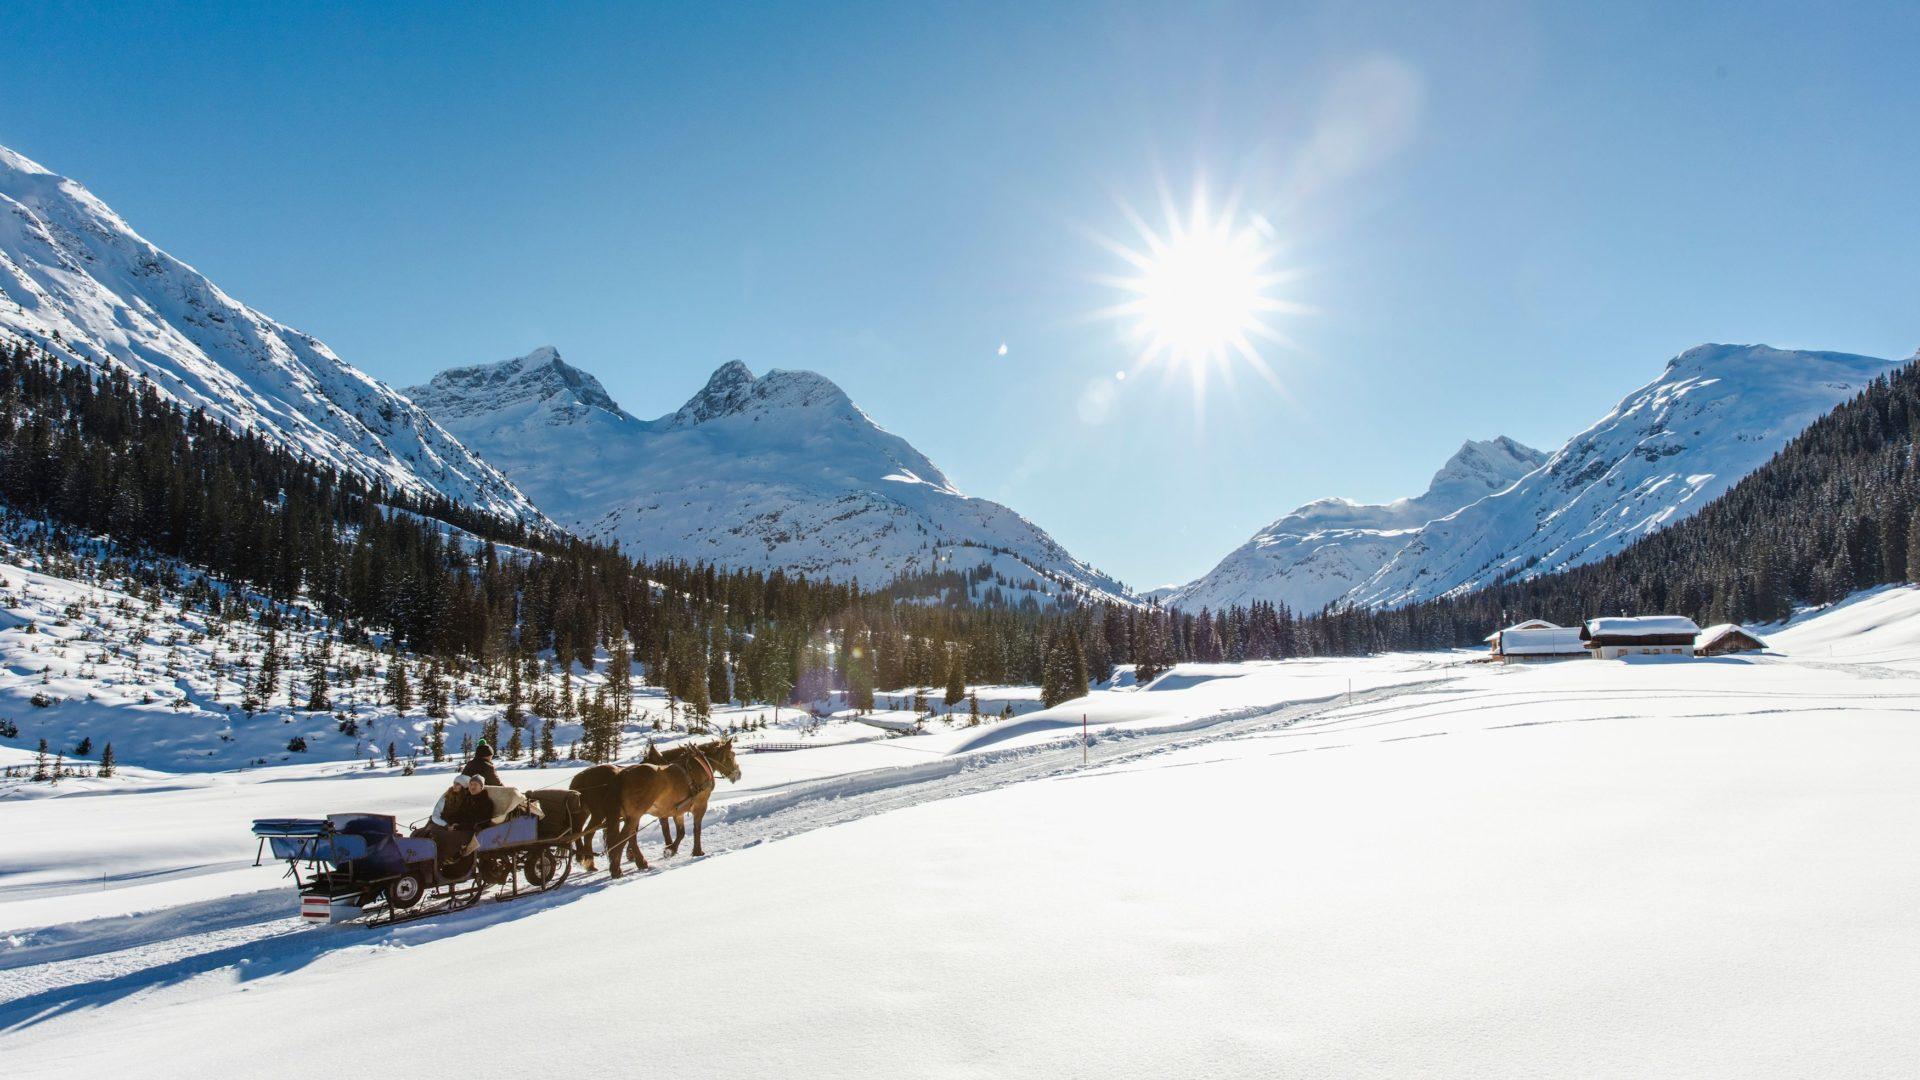 Winterzauber - Pferdeschlittenfahrt in Lech Zürs am Arlberg (c) Christoph Schöch